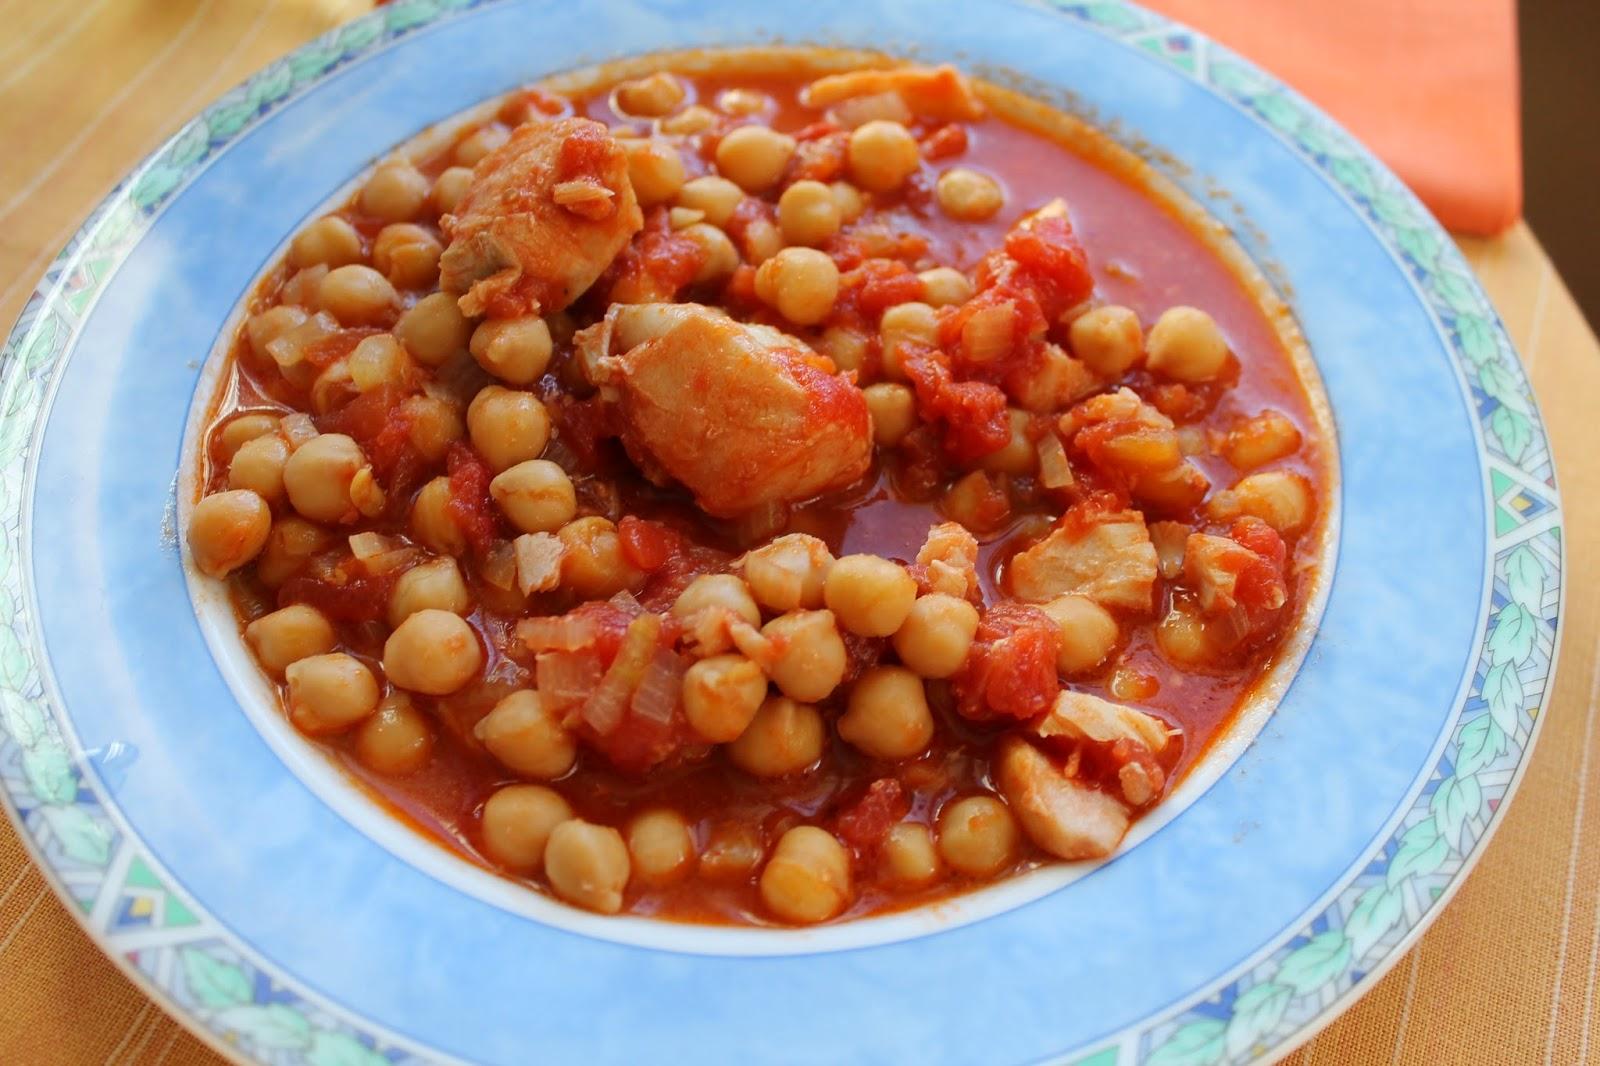 Mam en la cocina potaje de garbanzos con bacalao y tomate - Potaje de garbanzos con bacalao ...